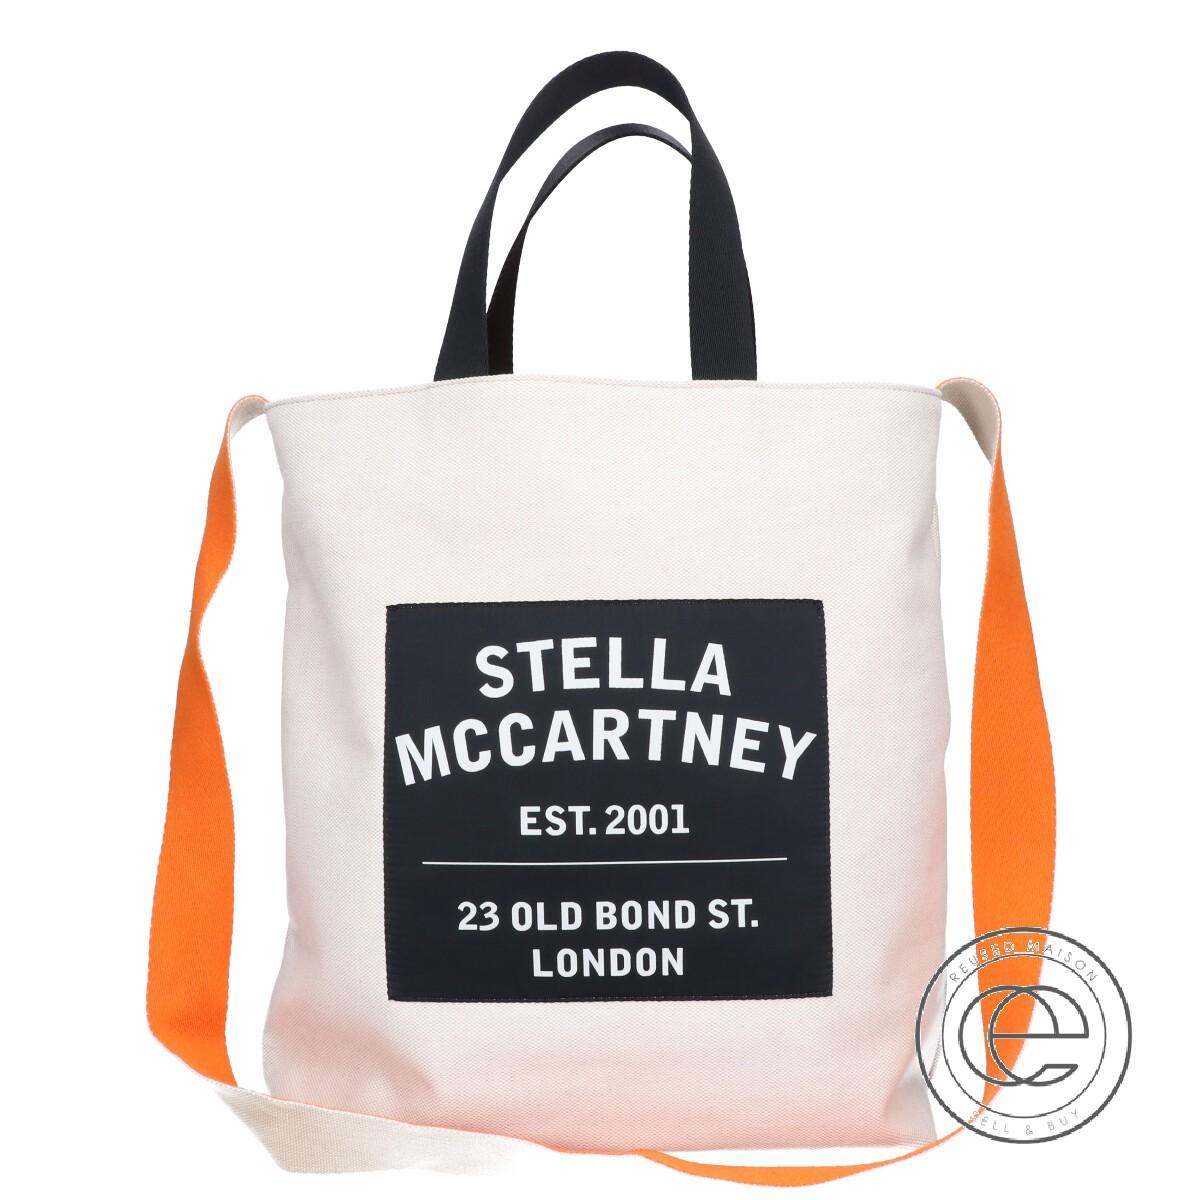 STELLAMcCARTNEY 本店 ステラマッカートニー 700113 W8740 ロゴキャンバス 2WAY トートバッグ おトク ORANGE SAND 中古 レディース